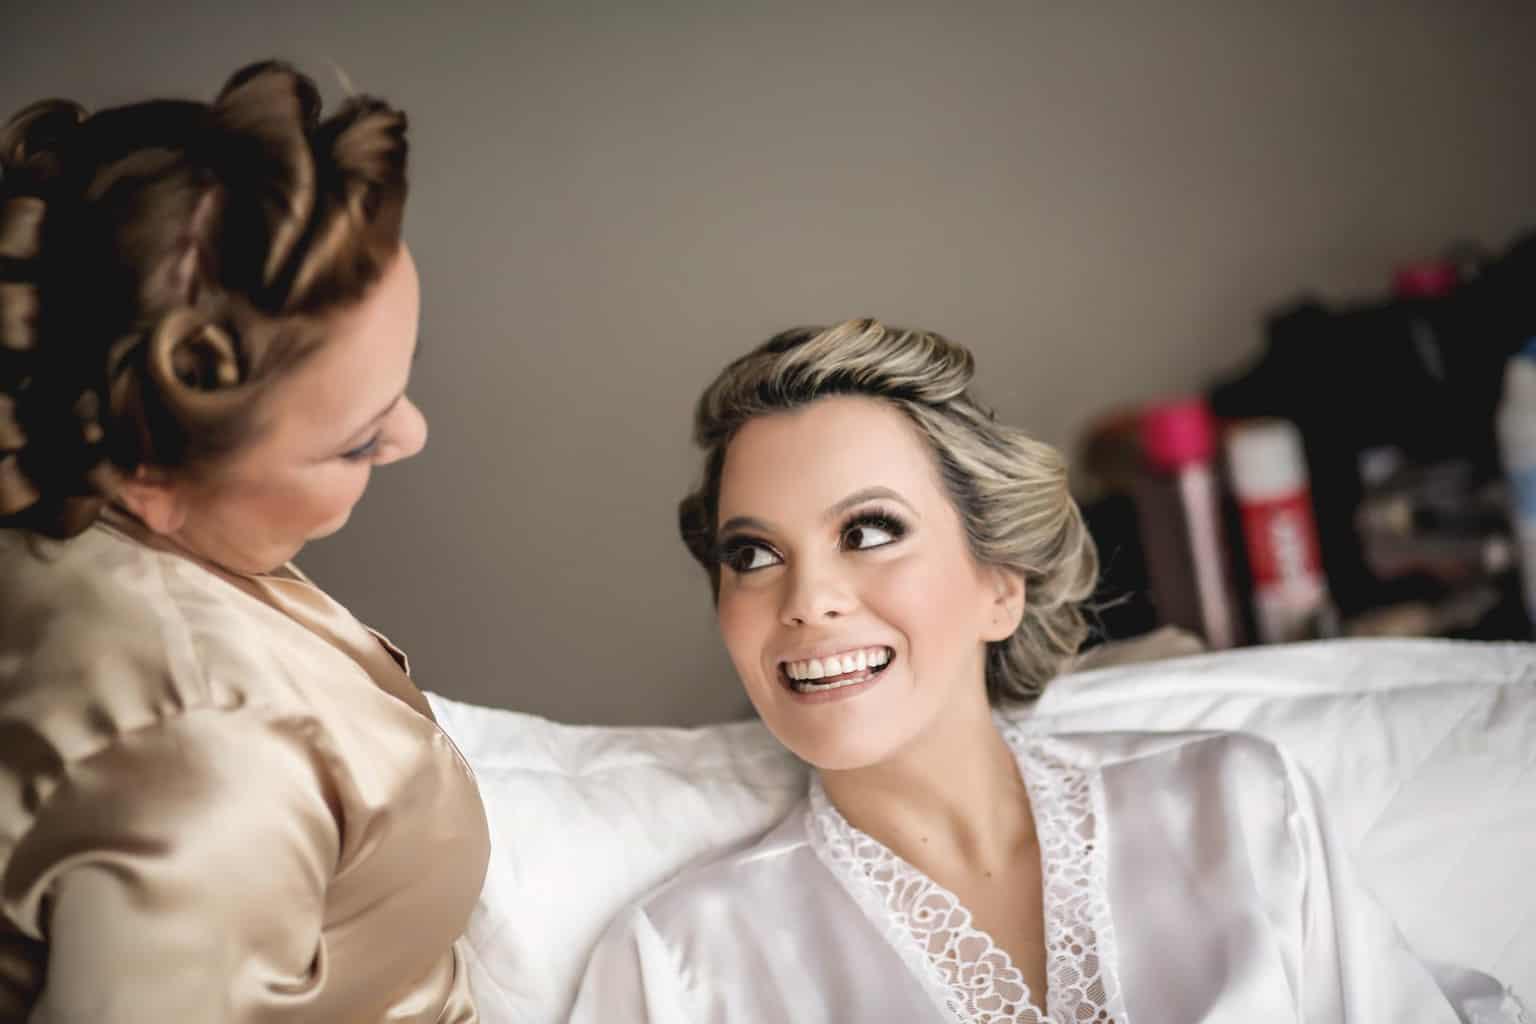 beleza-da-noiva-casamento-Juliana-e-Eduardo-Fotografia-Ricardo-Nascimento-e-Thereza-magno-making-of-Usina-dois-irmãos3